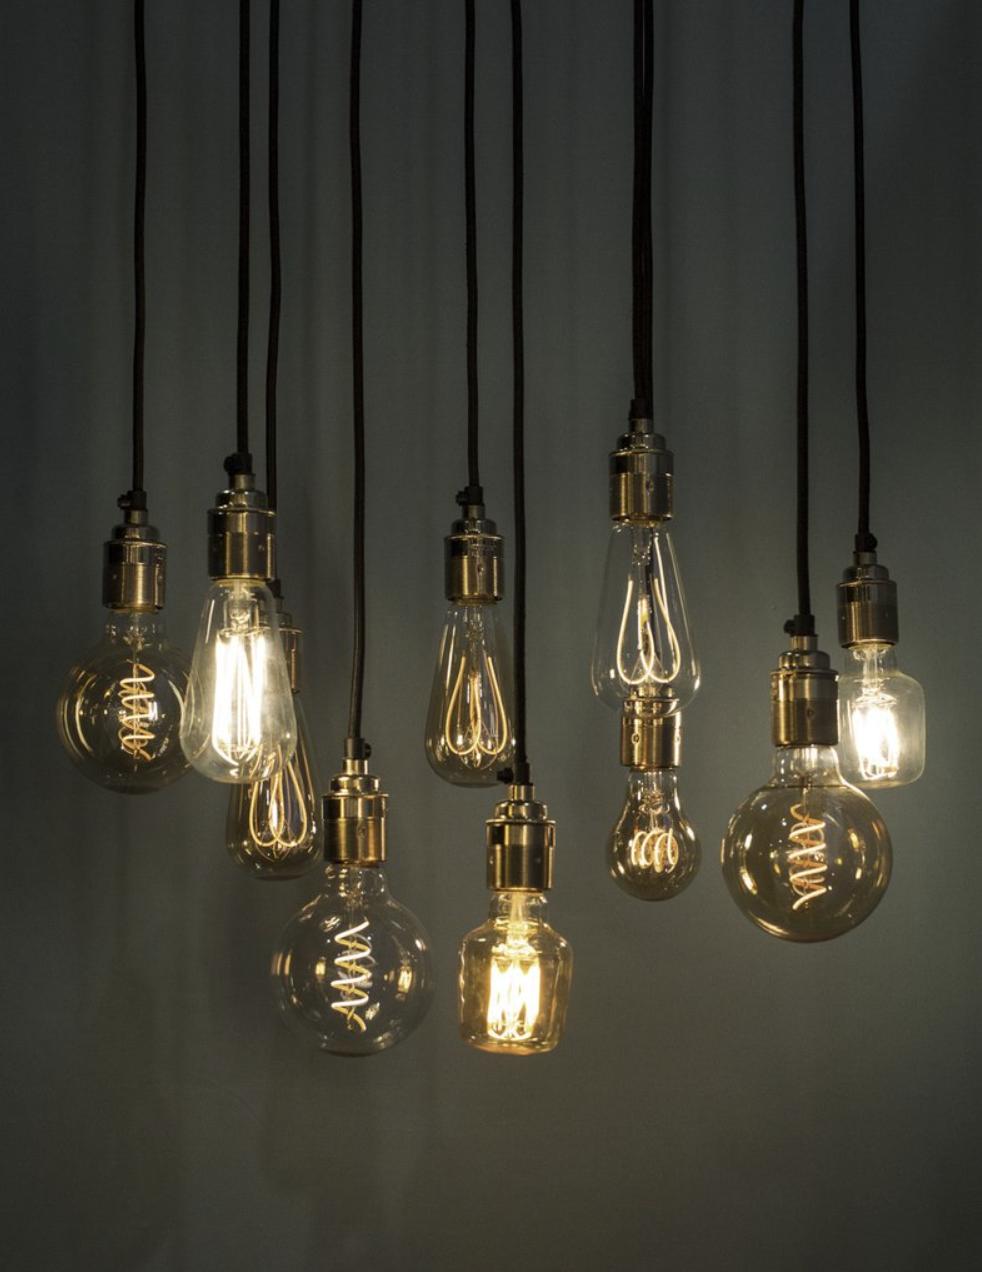 Plumen bulbs suspended